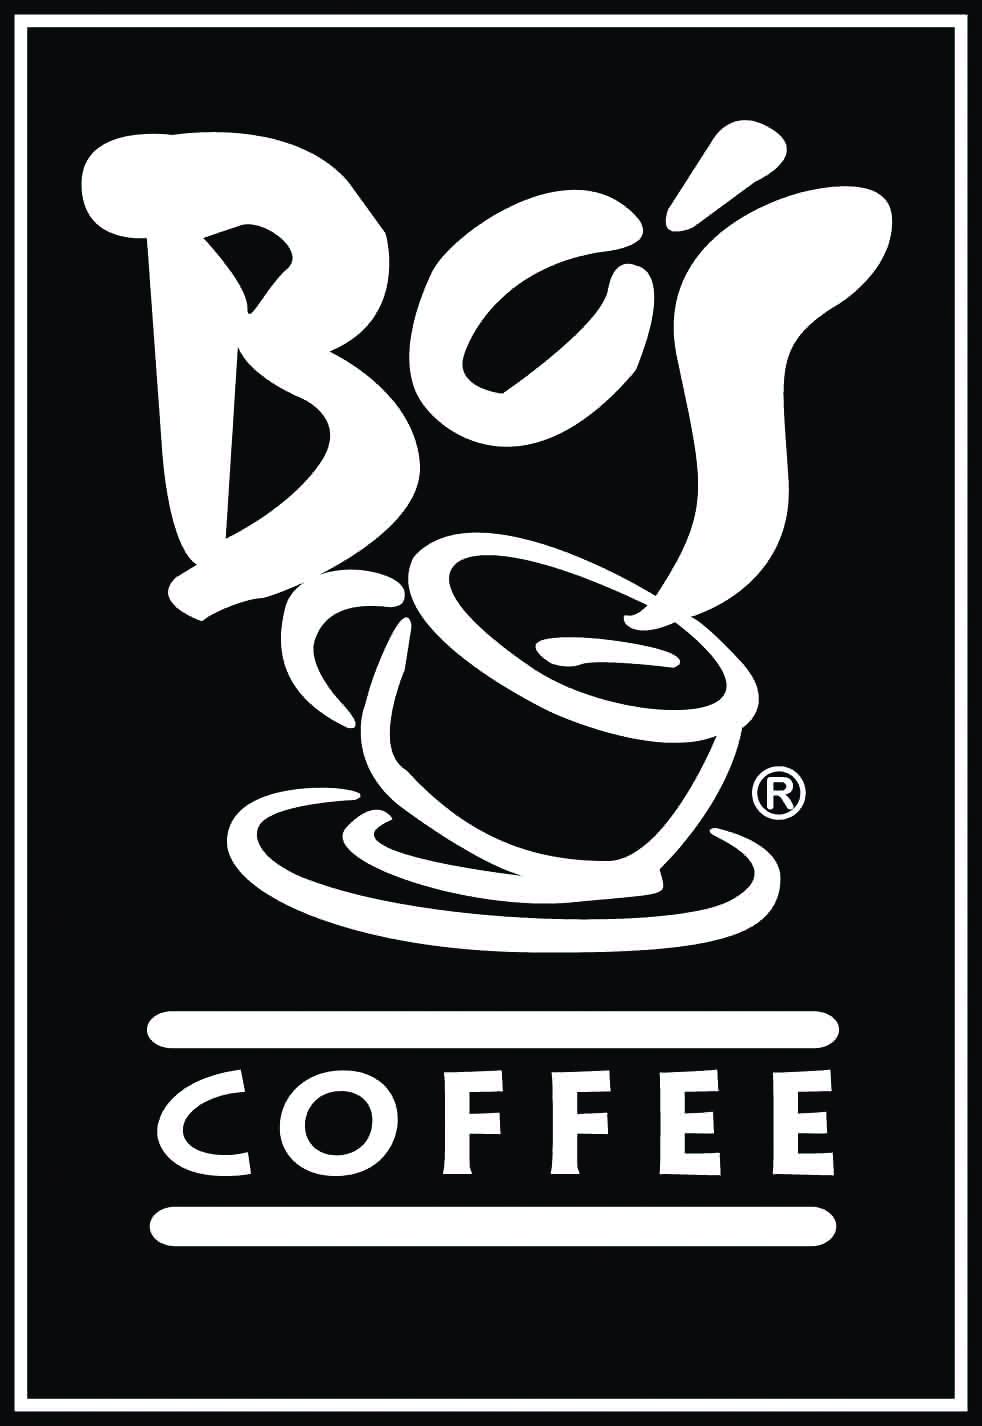 bos_coffee